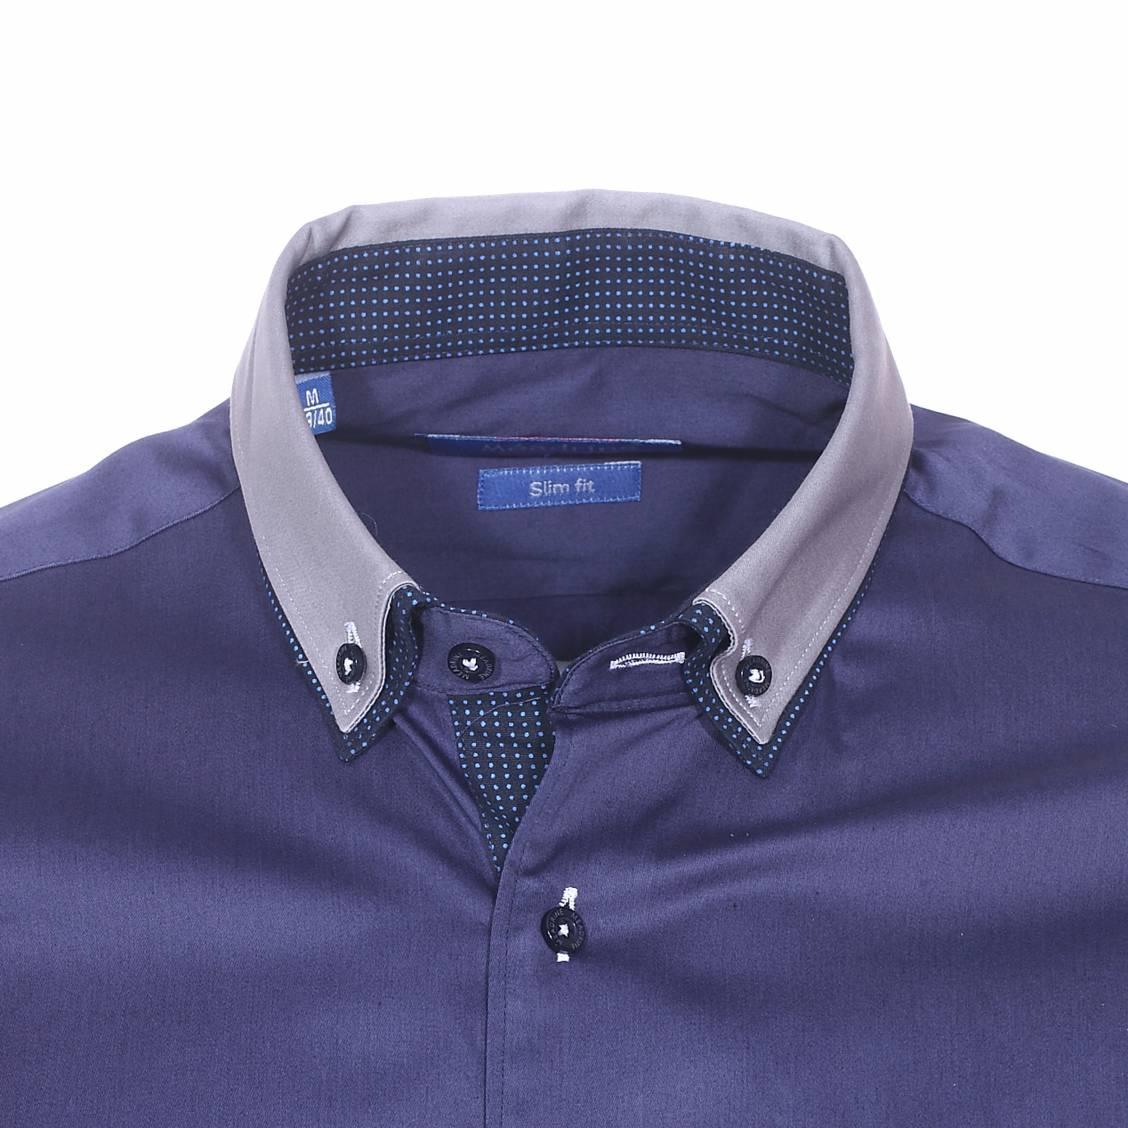 chemise cintr e m adrine en coton bleu marine double col am ricain 1 col gris et 1 col bleu. Black Bedroom Furniture Sets. Home Design Ideas